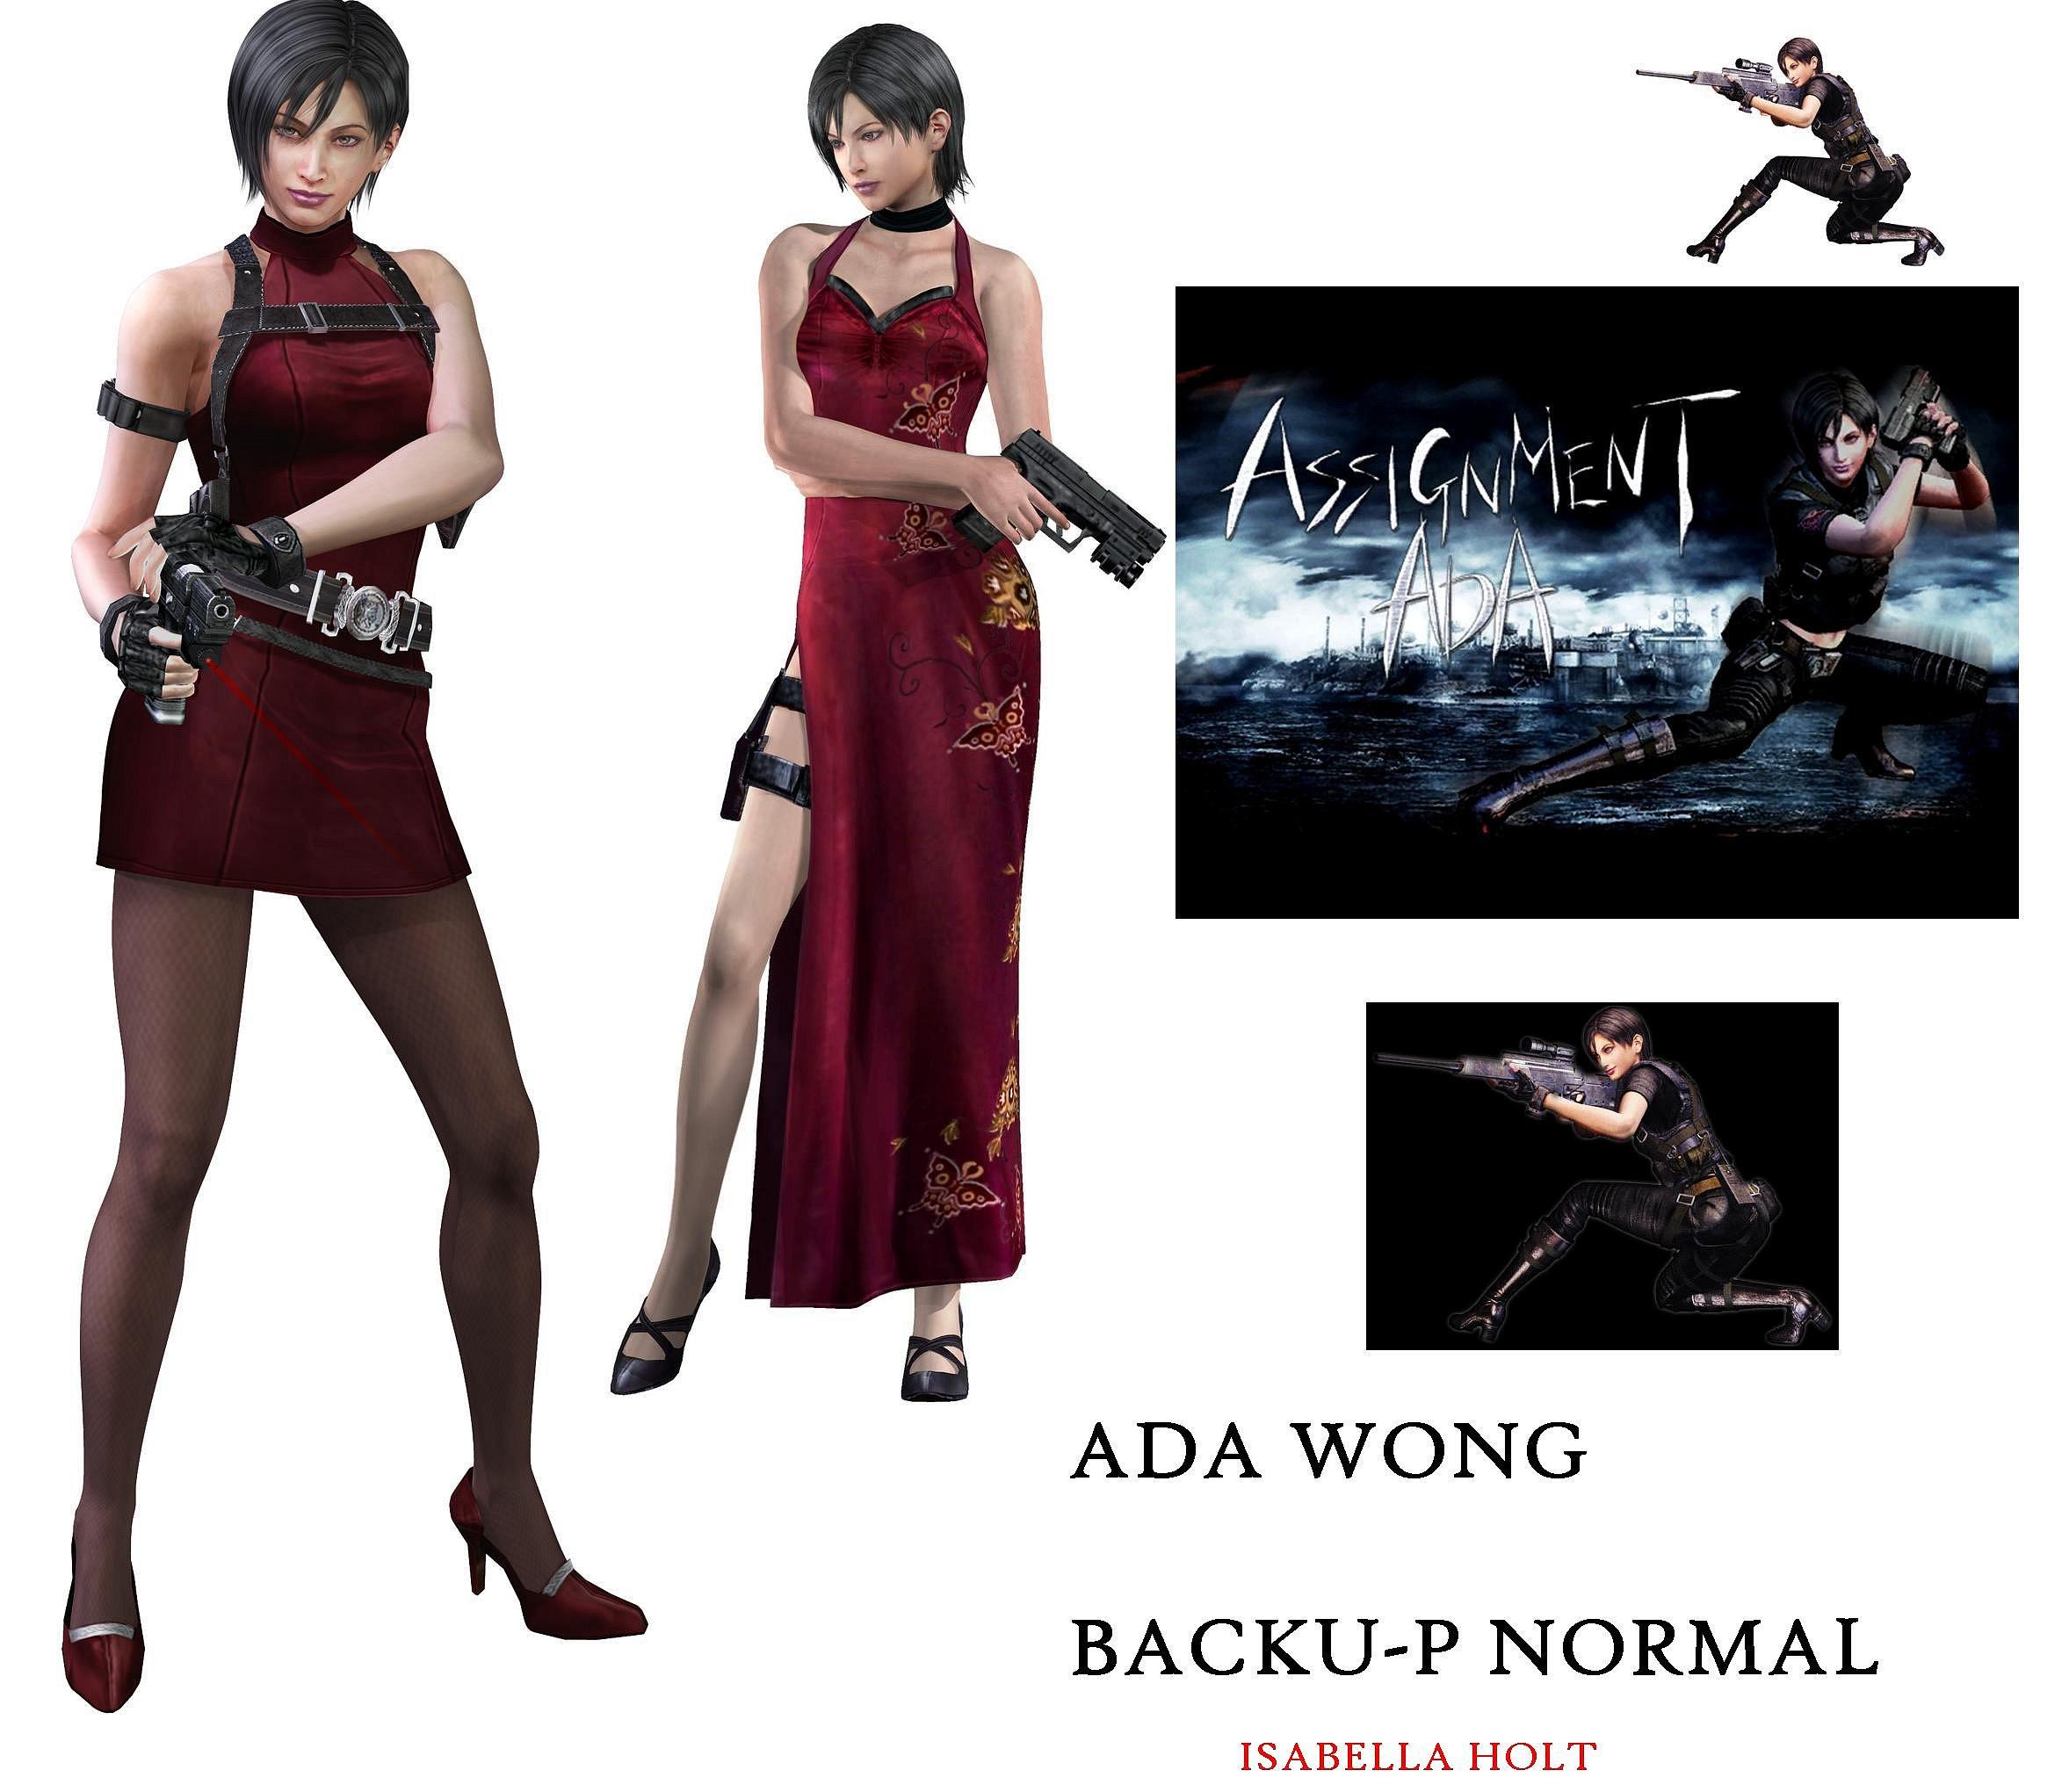 Ada Wong Original (Para Emergencia) 24e55f9d218b22e11a791c5252d9e9b2o